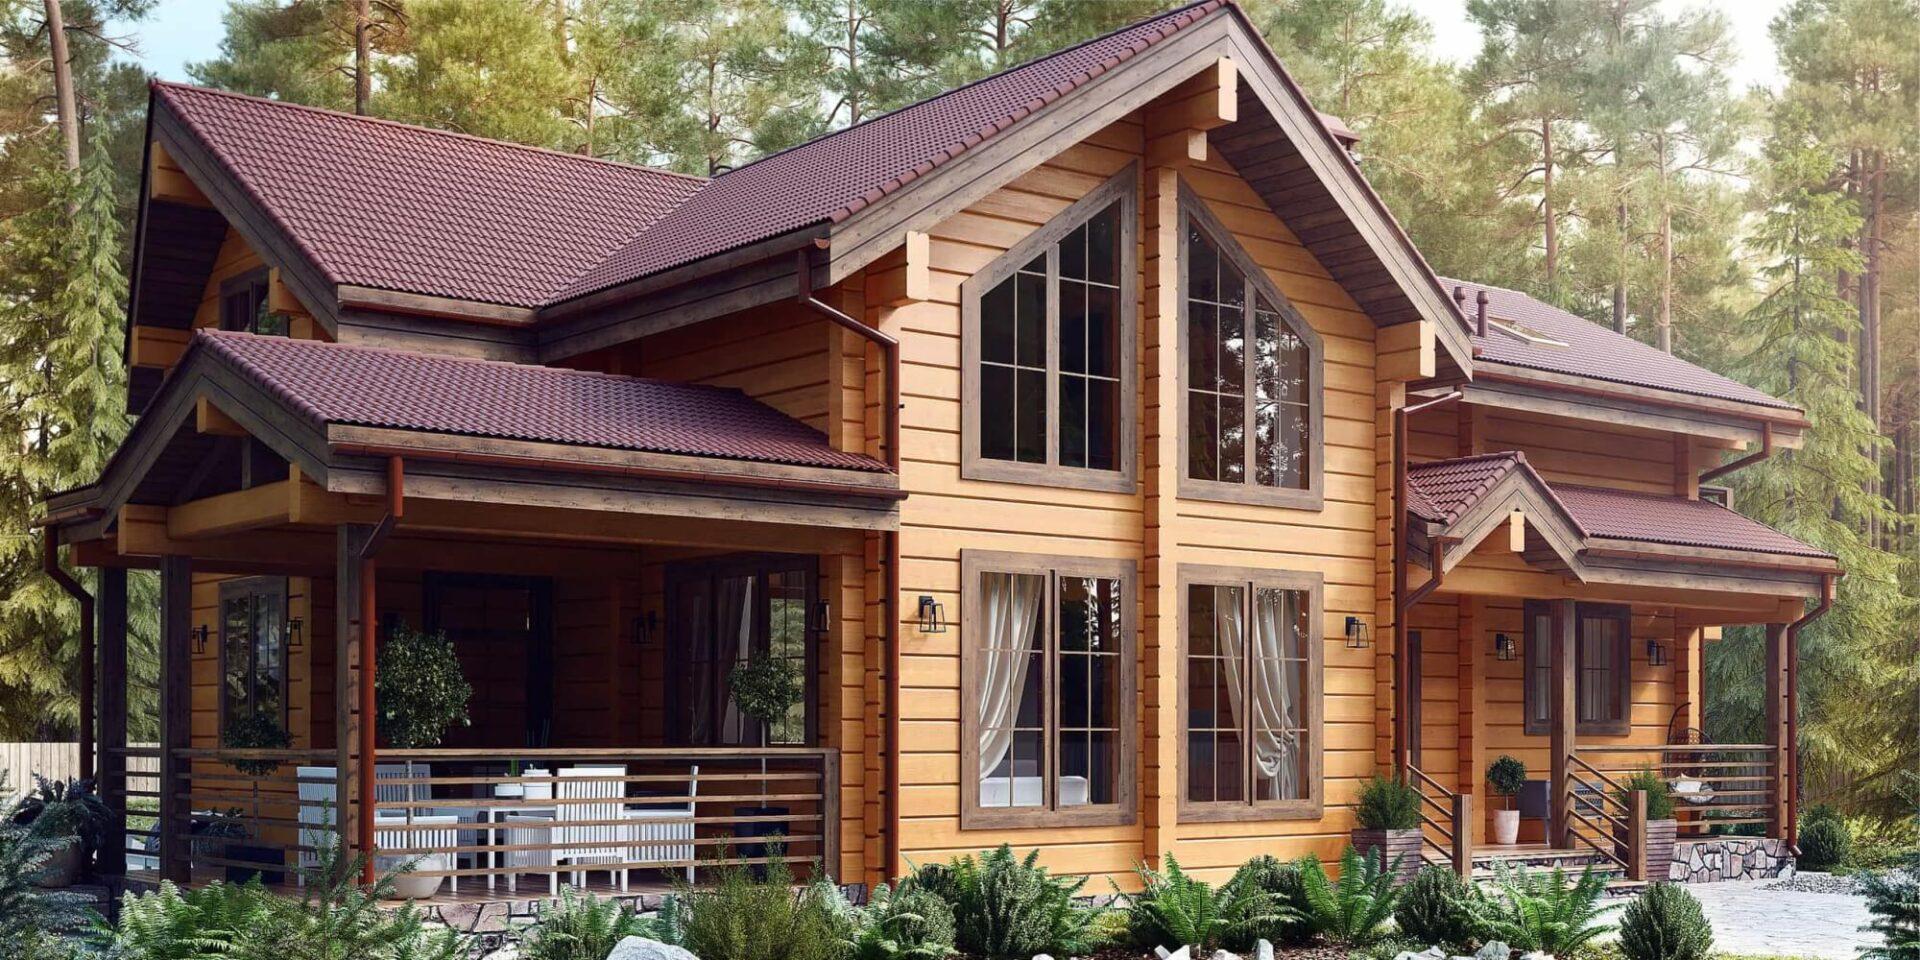 Строительство домов и коттеджей в Санкт-Петербурге и Ленинградской области